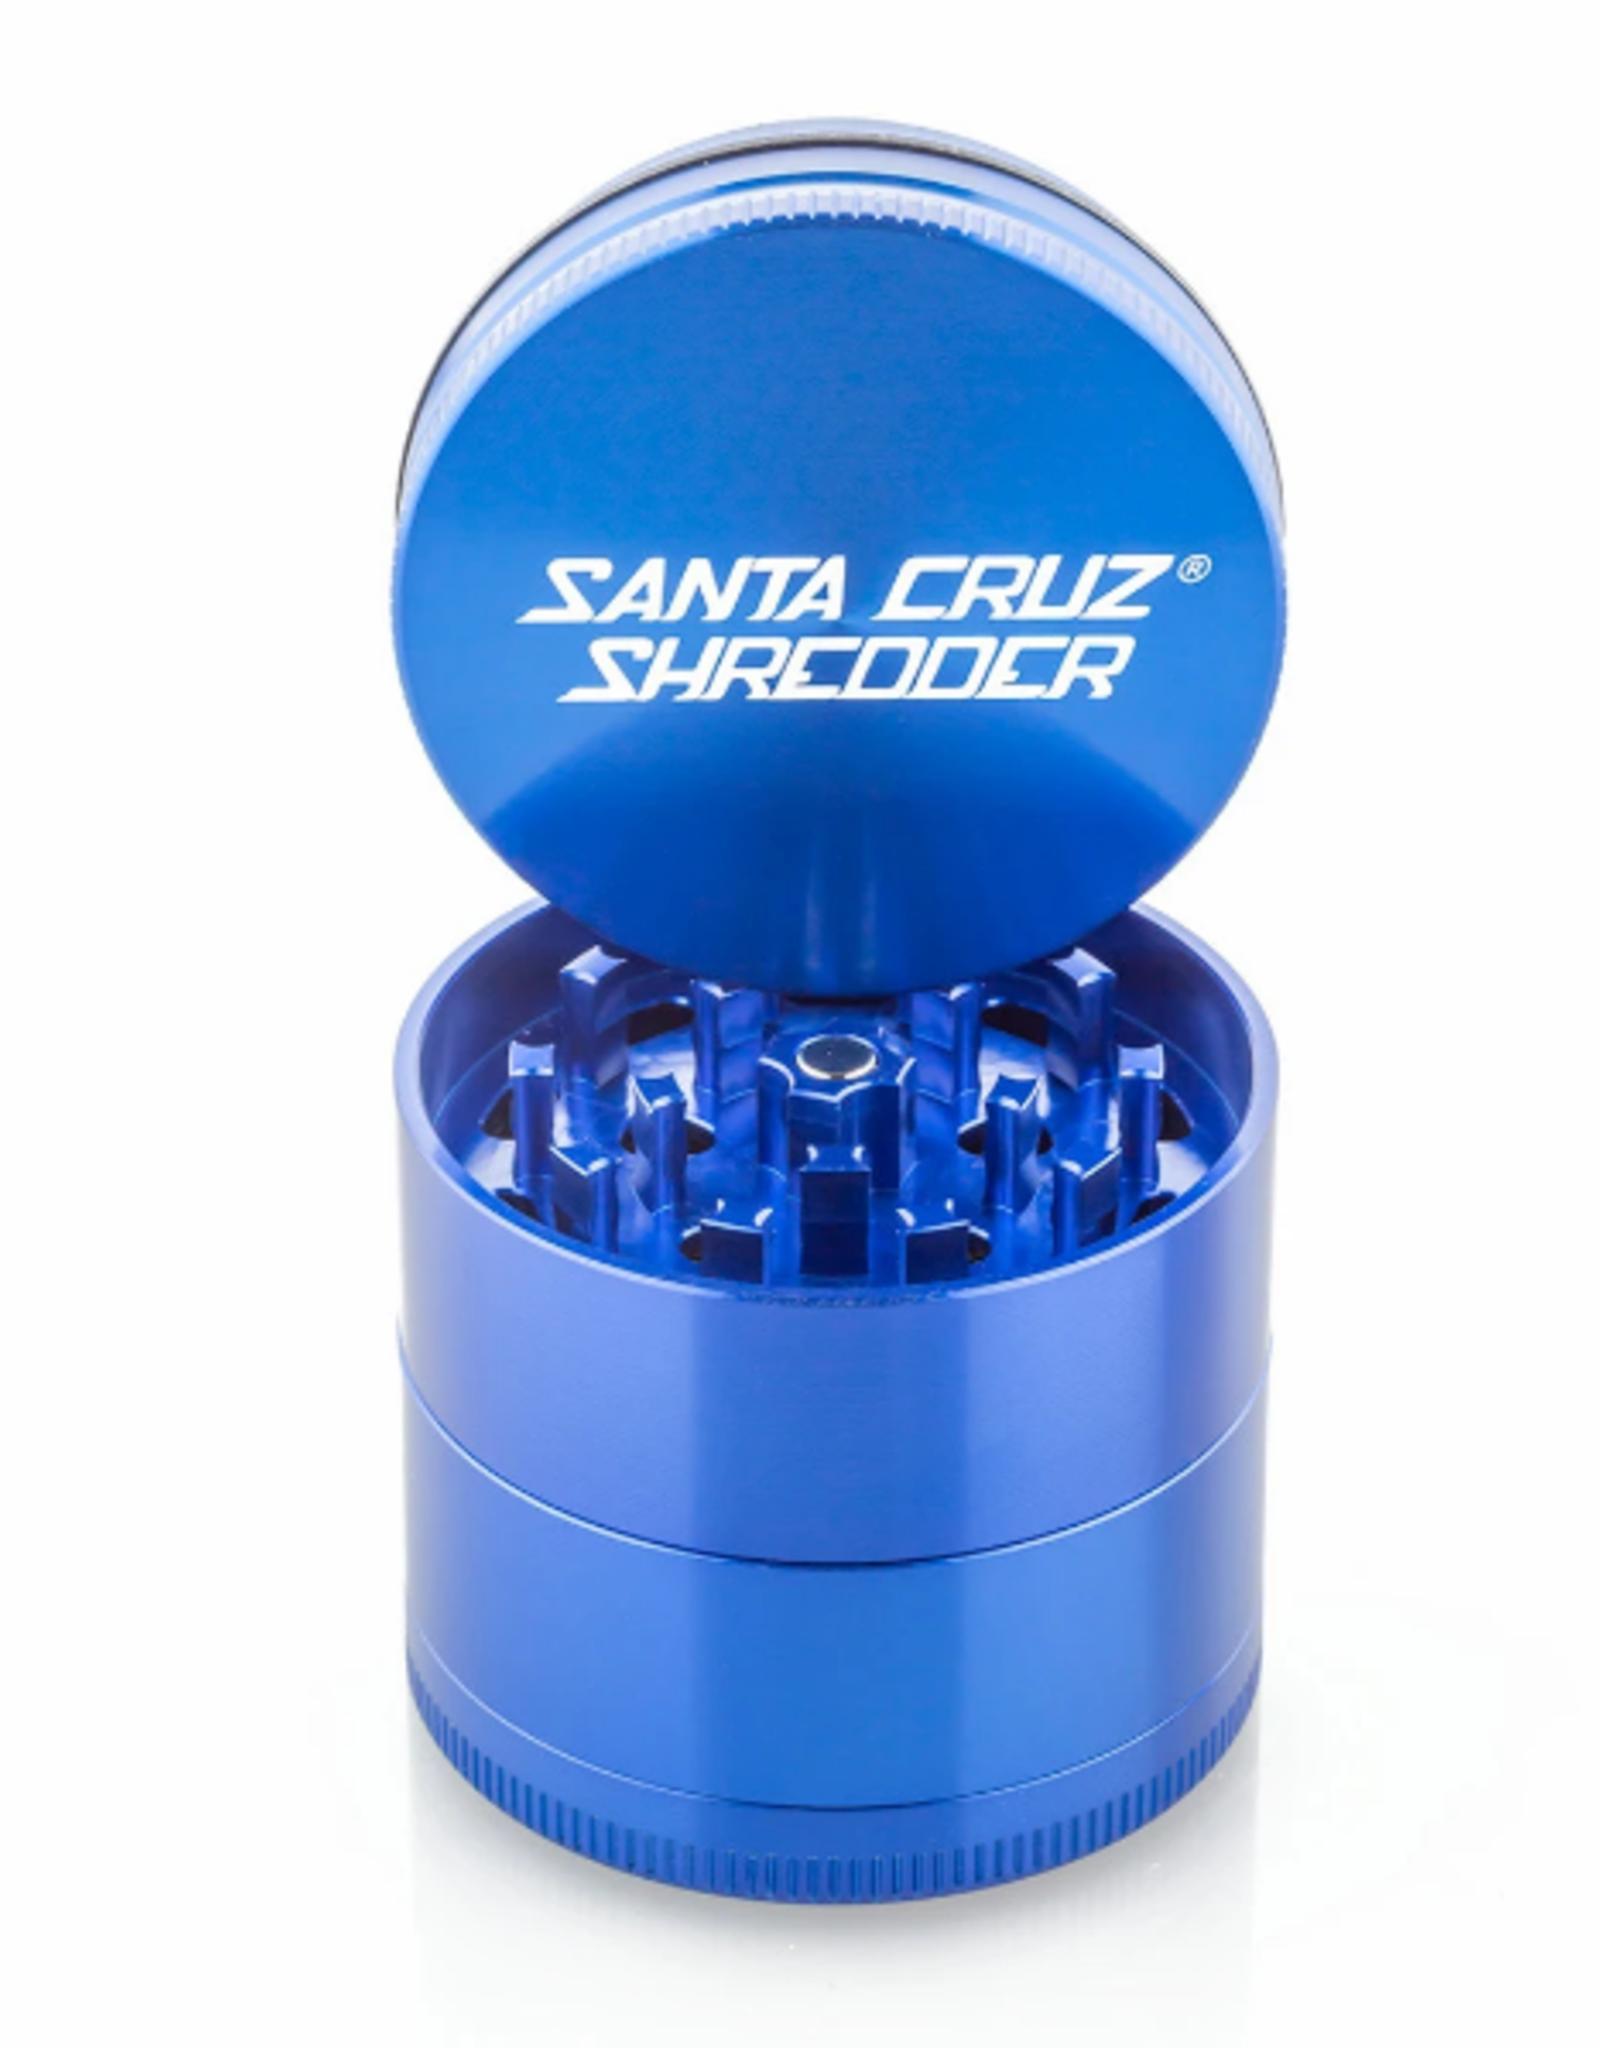 Santa Cruz Shredder 4 PIECE GRINDER 2 1/8'' MEDIUM BLUE